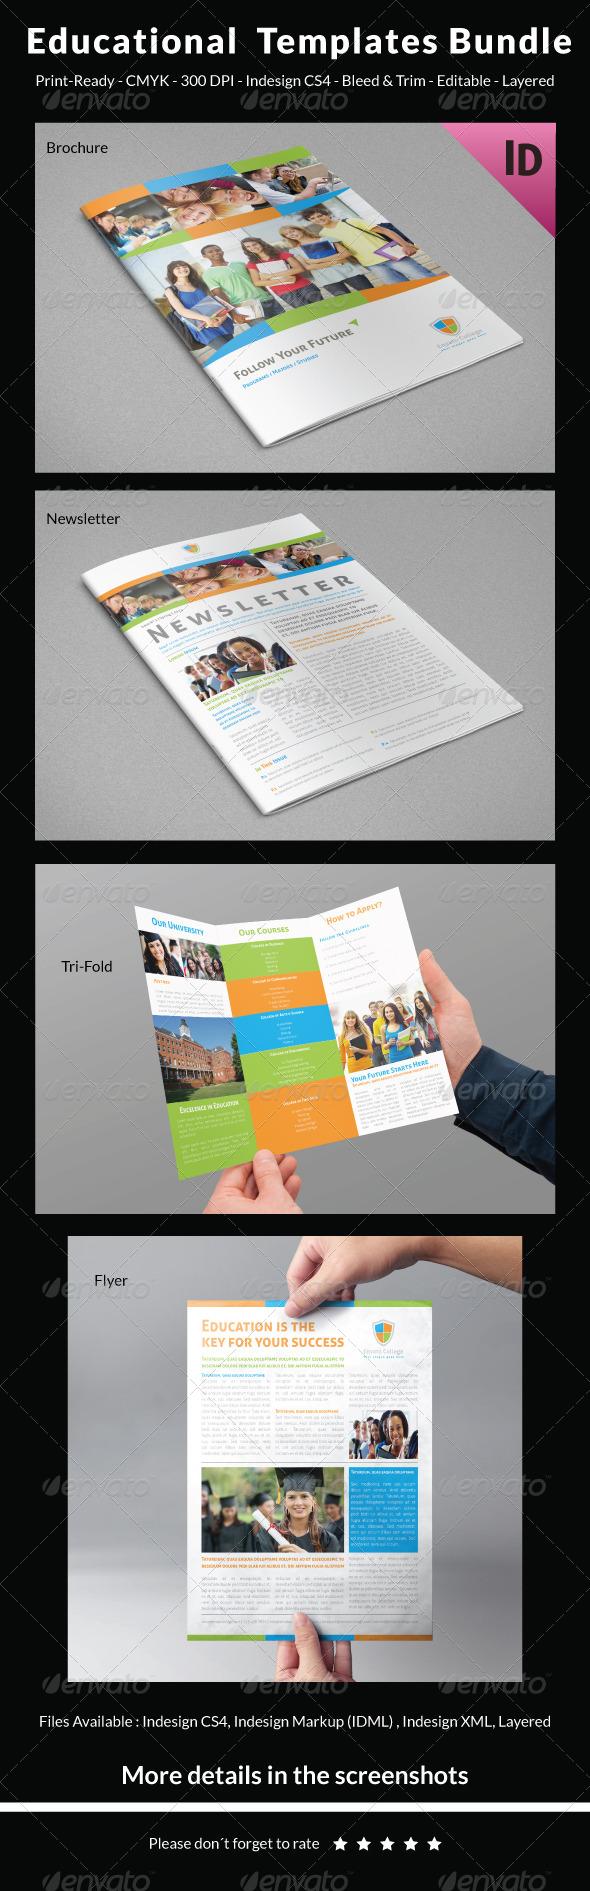 GraphicRiver Educational Templates Bundle 7748425